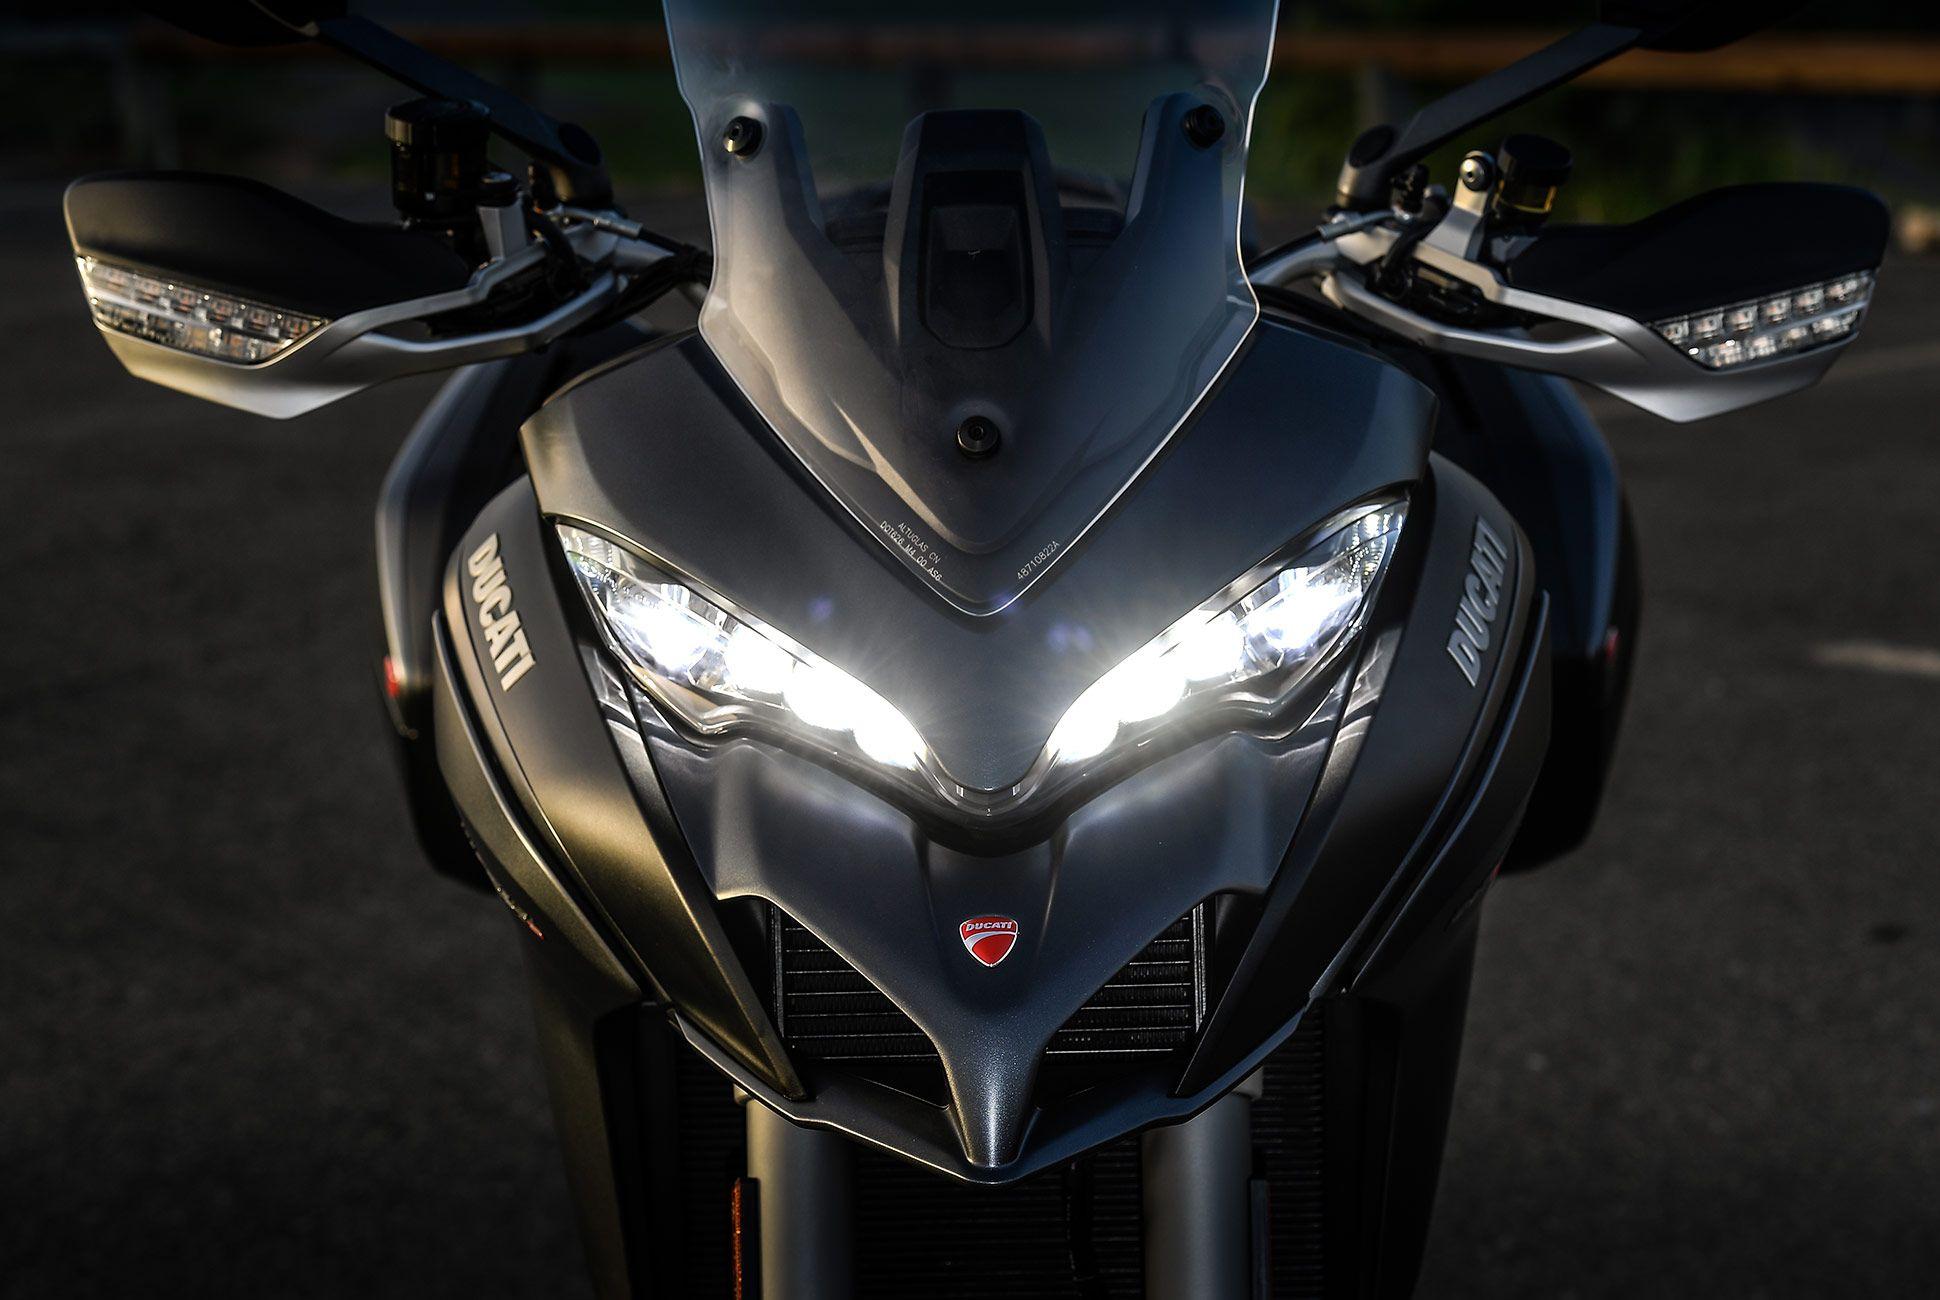 2018-Ducati-MTS-1260-Review-gear-patrol-6